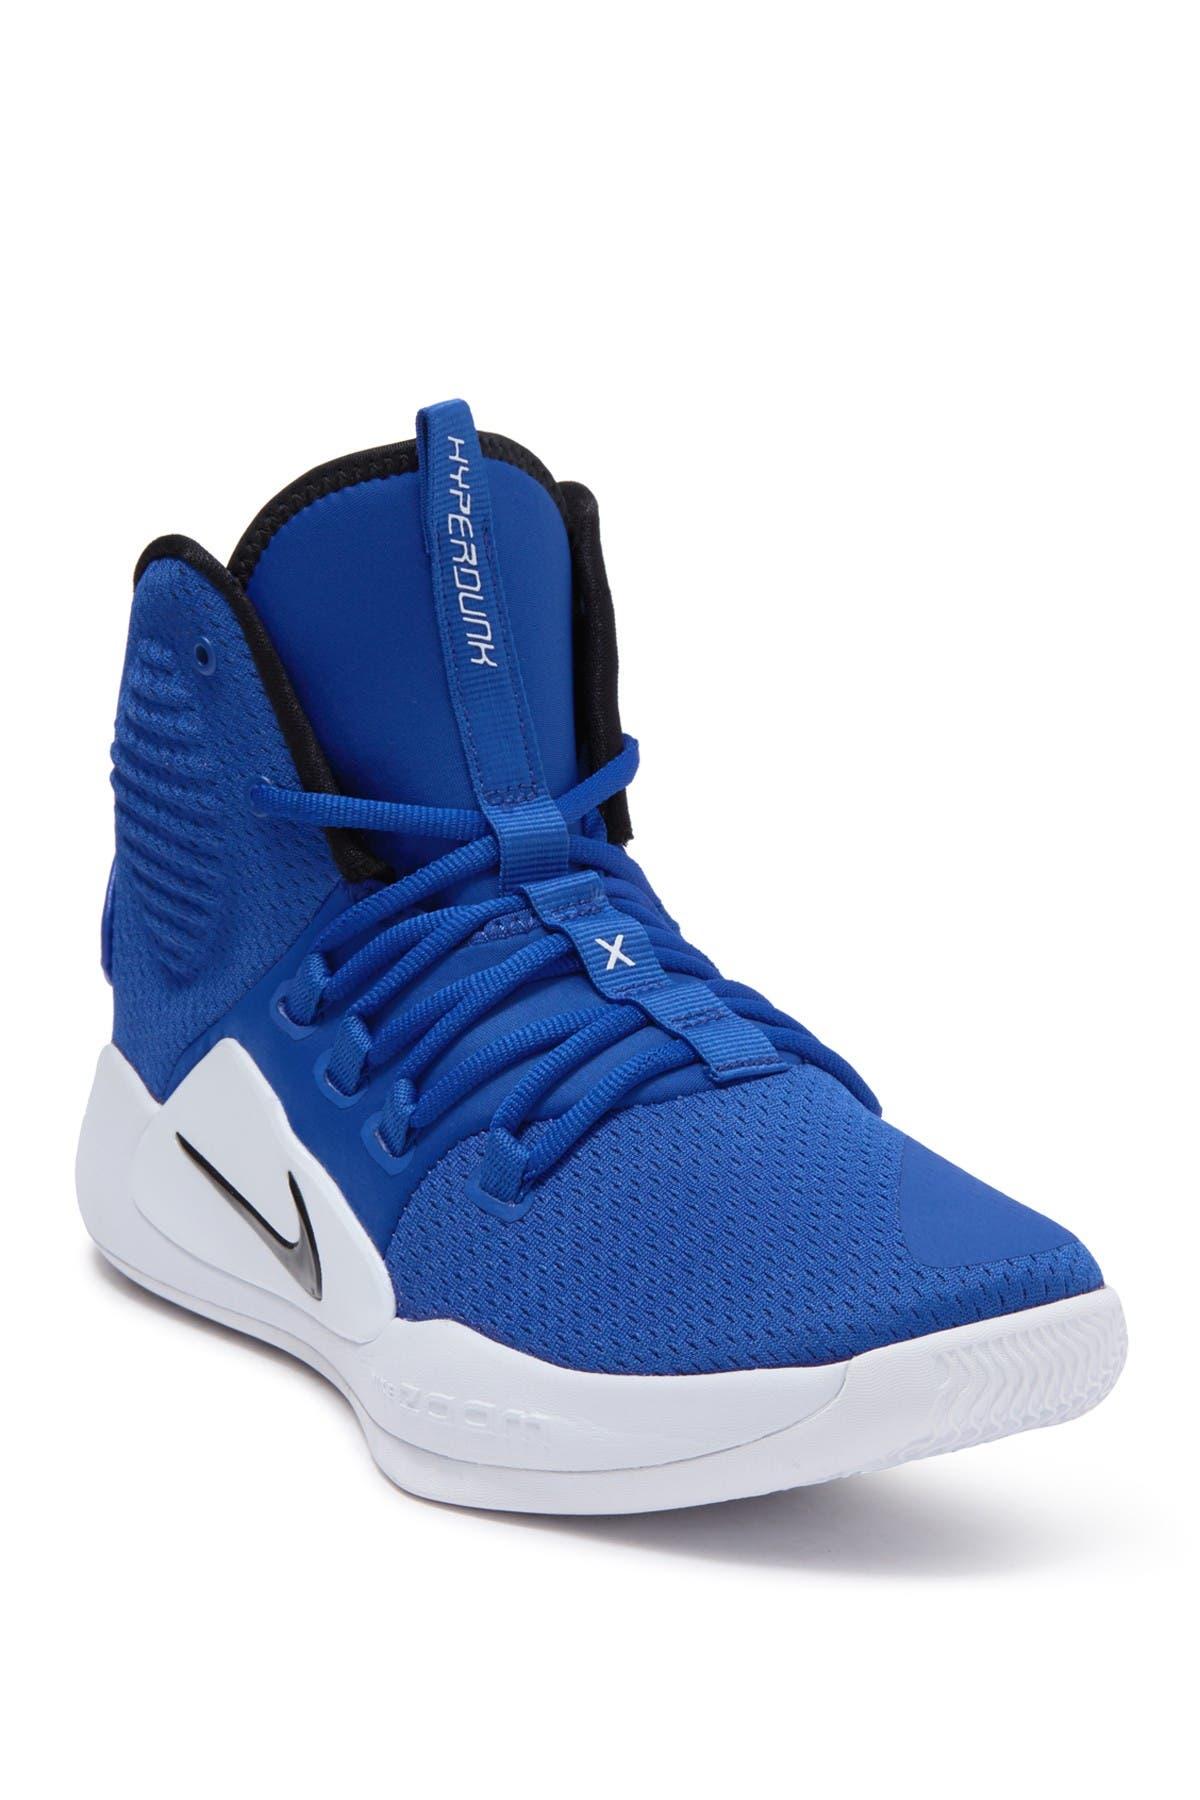 Hyperdunk X TB Basketball Sneaker